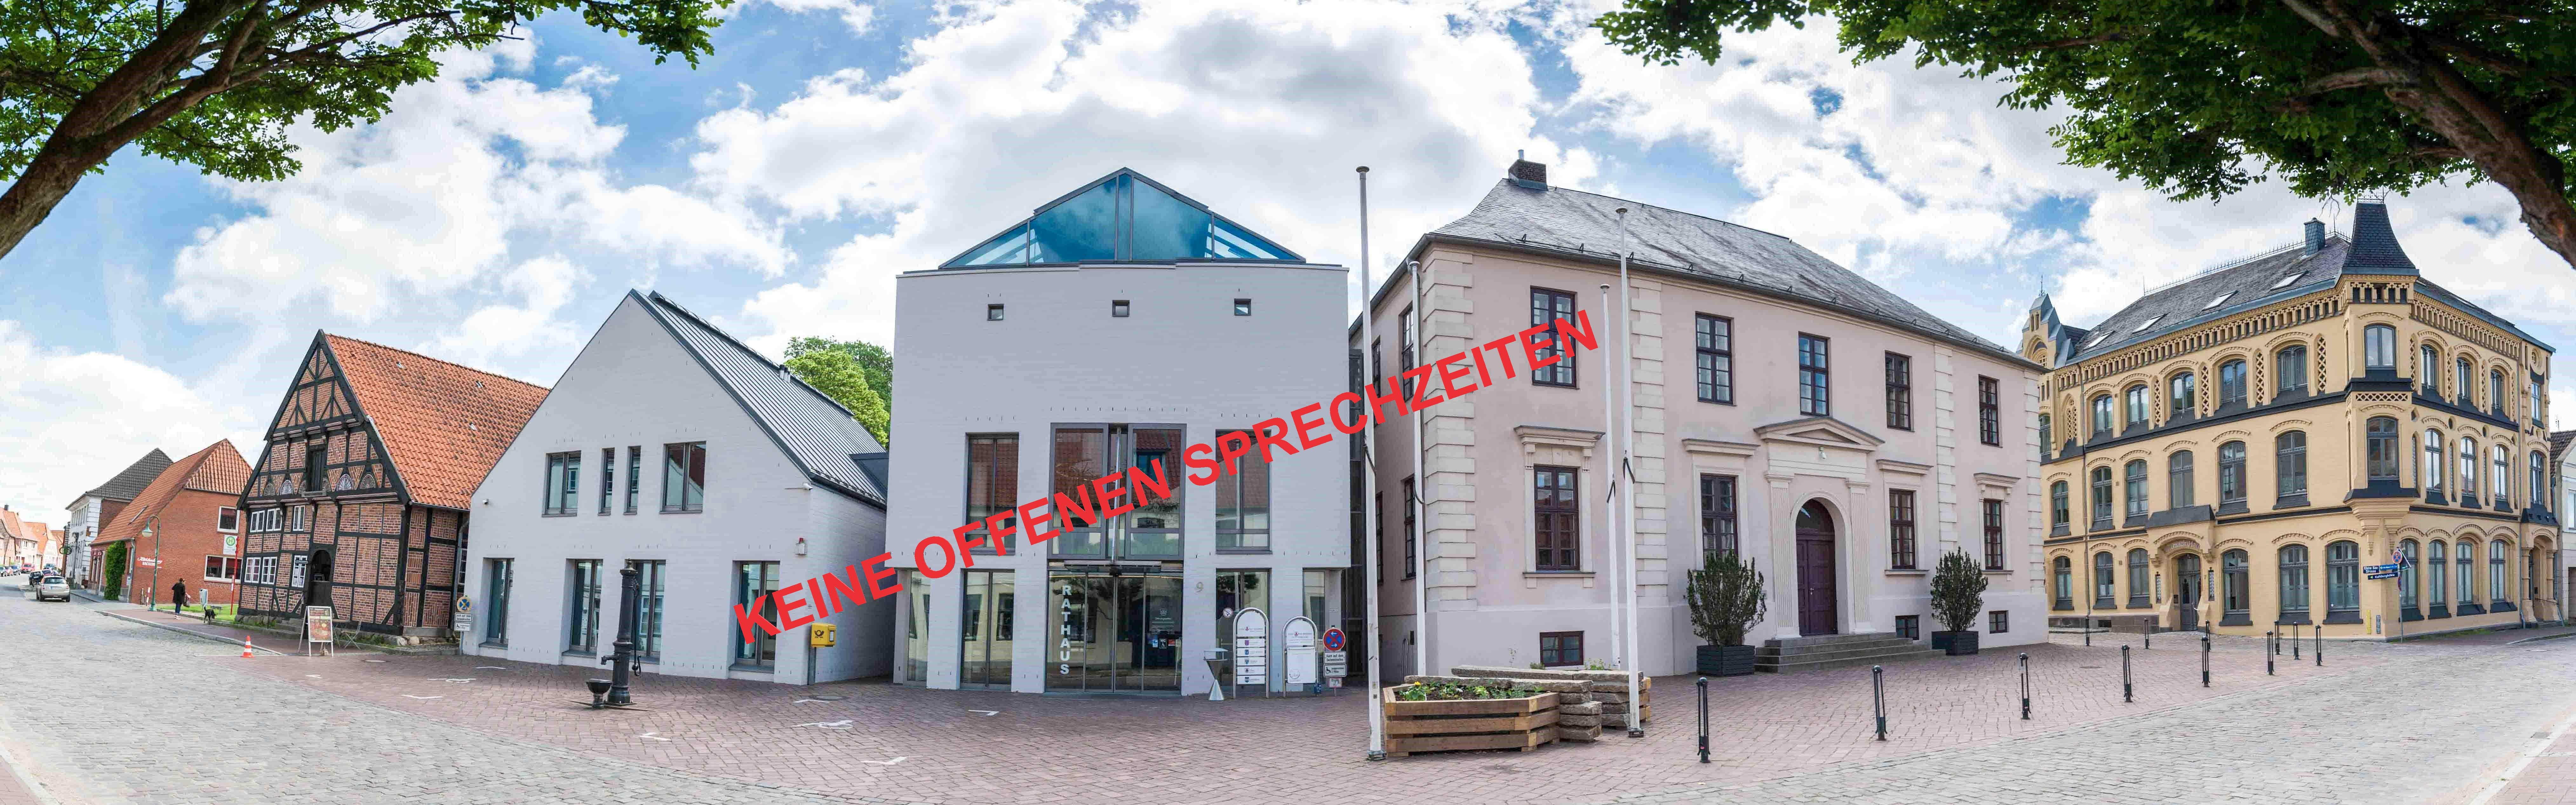 Rathaus05_2017 Keine offenen Sprechzeiten